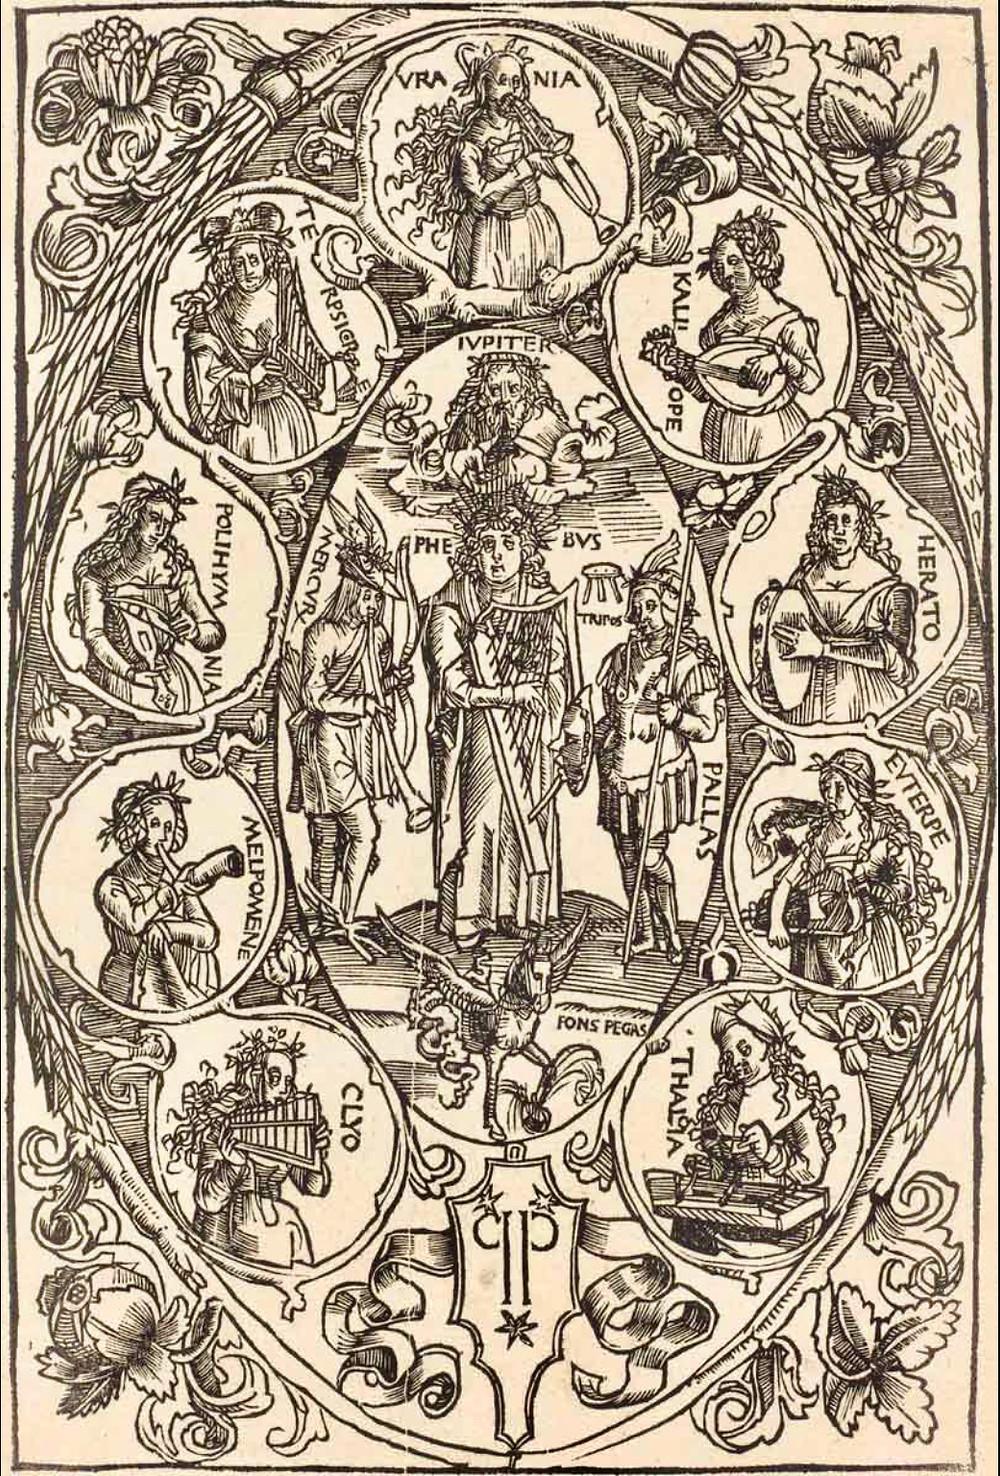 Apolo e as musas, 1502 - Hans Süss von Kulmbach (1485-1522). - Apolo e as musas, 1502. | Xilogravura, dimensões indeterminadas. - National Gallery of Art, Washington, Estados Unidos.